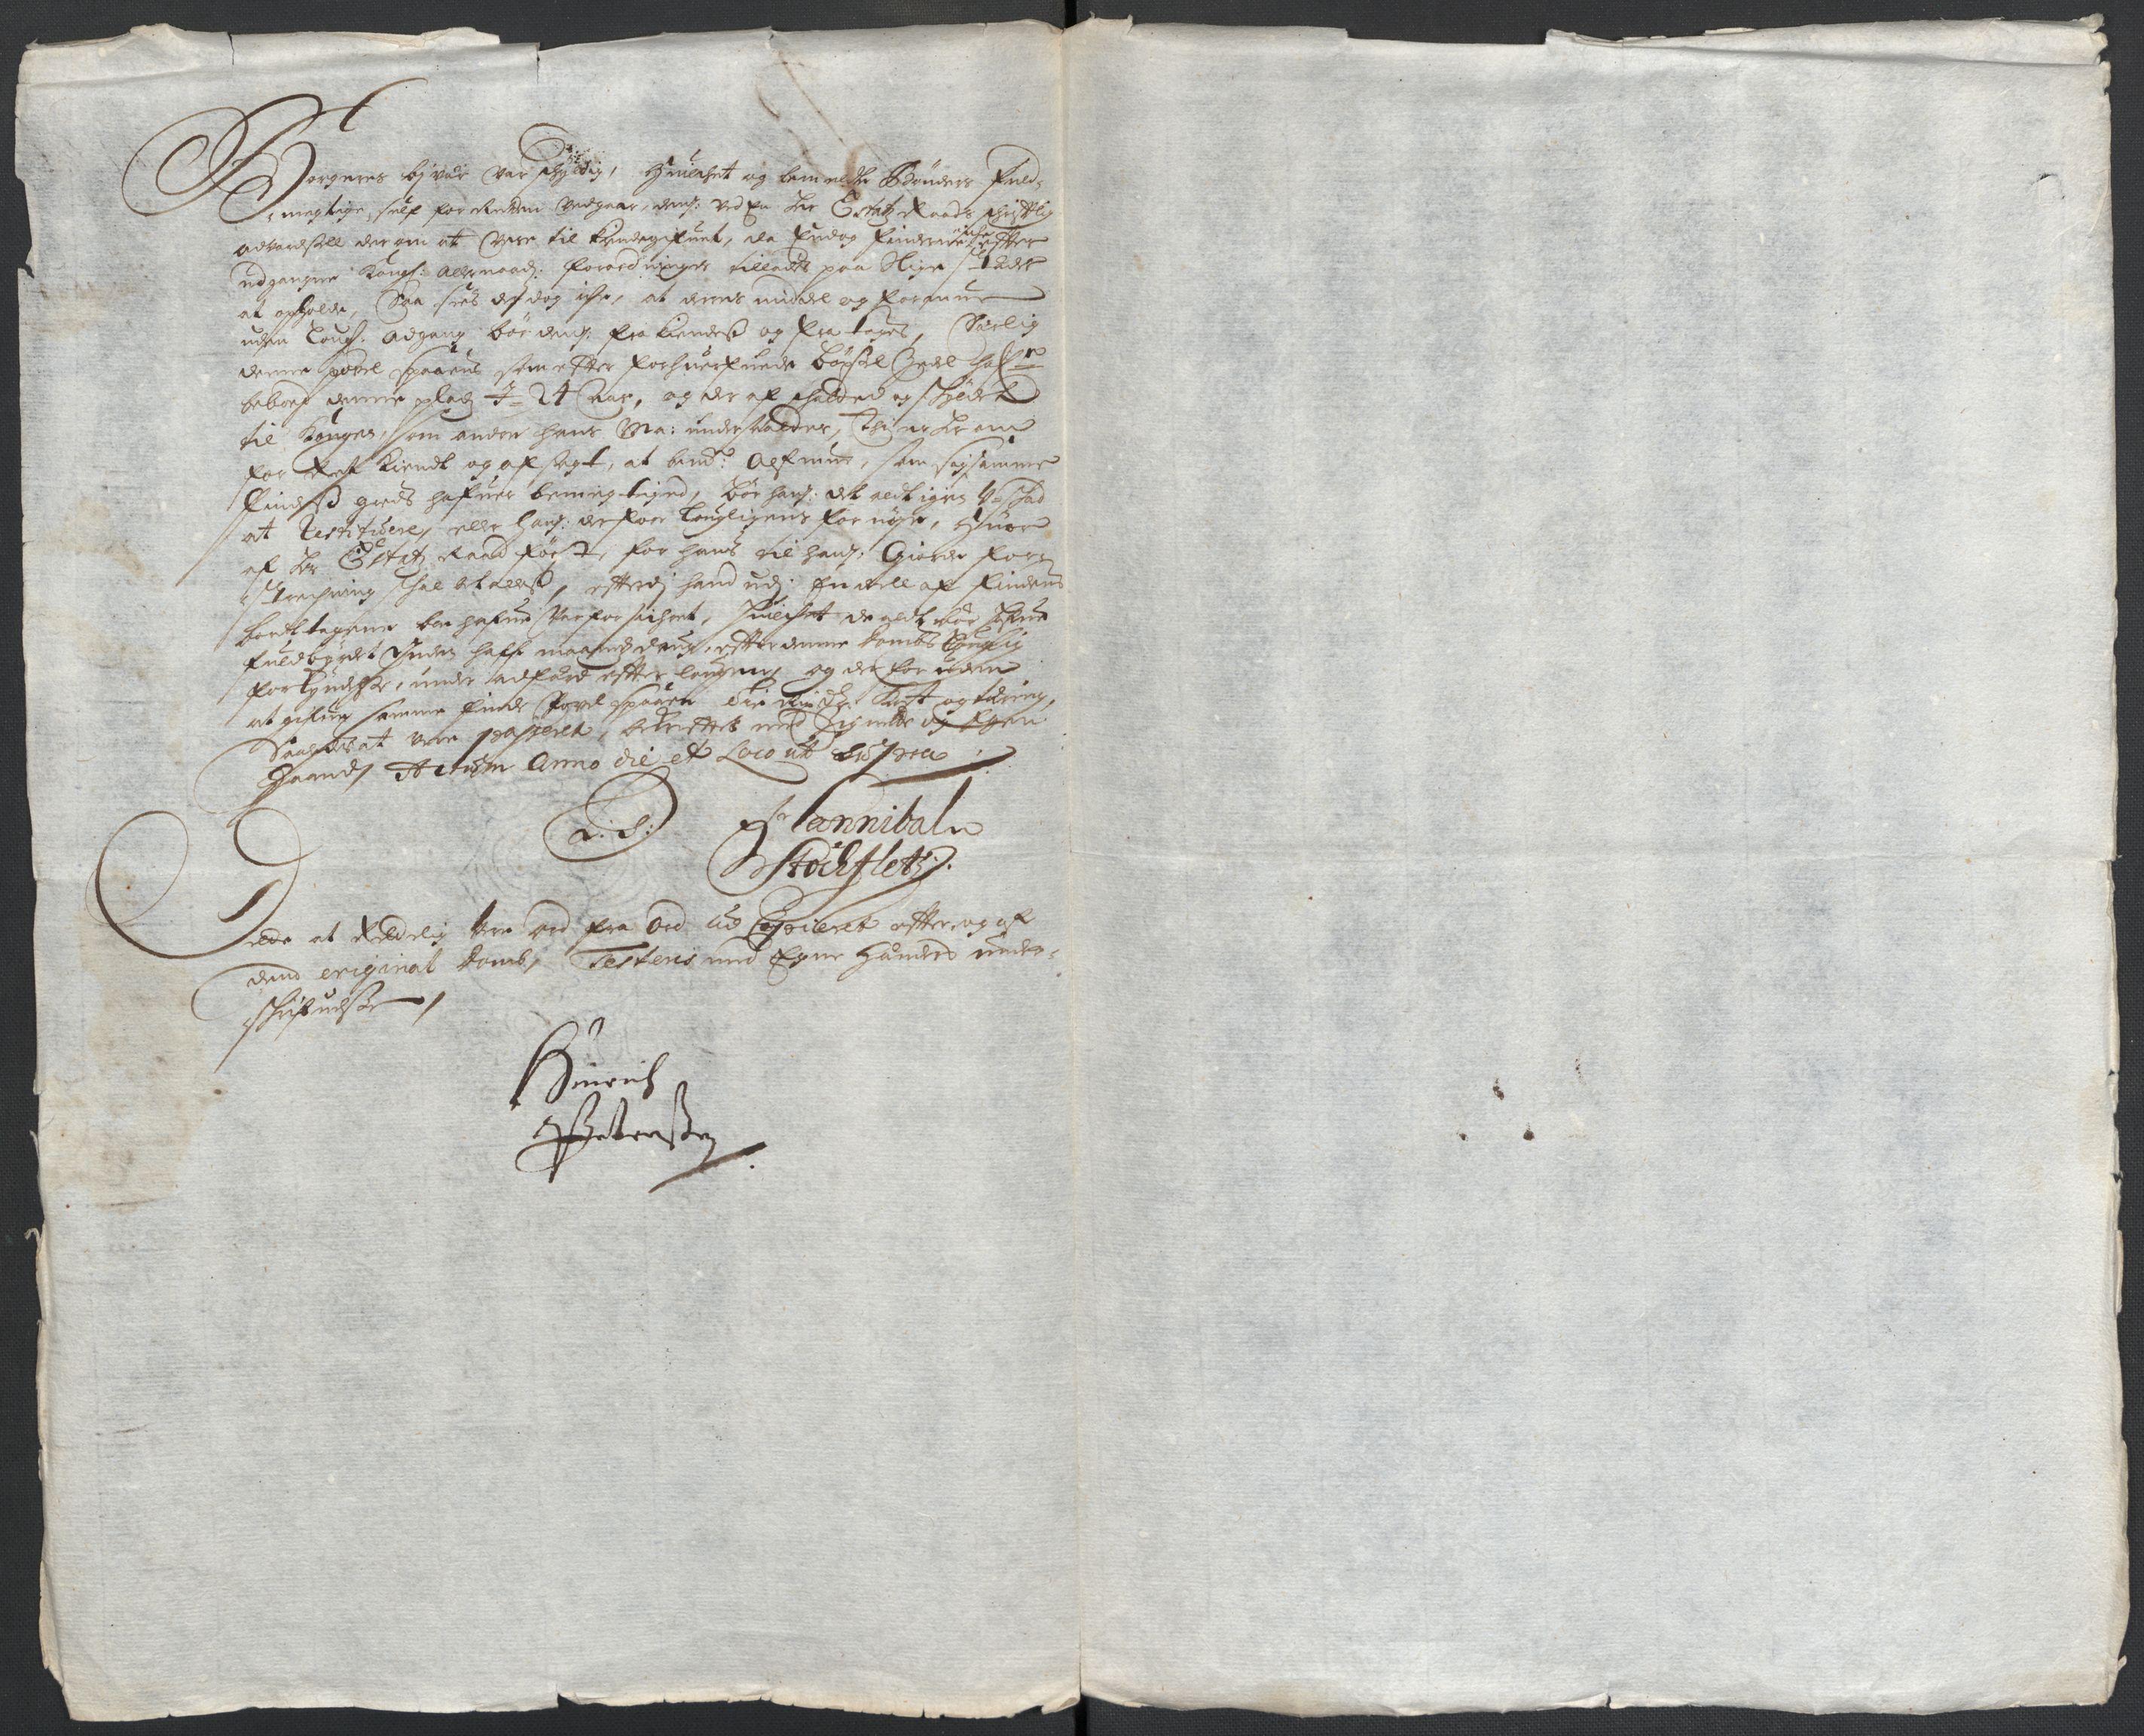 RA, Rentekammeret inntil 1814, Reviderte regnskaper, Fogderegnskap, R21/L1446: Fogderegnskap Ringerike og Hallingdal, 1683-1686, s. 284